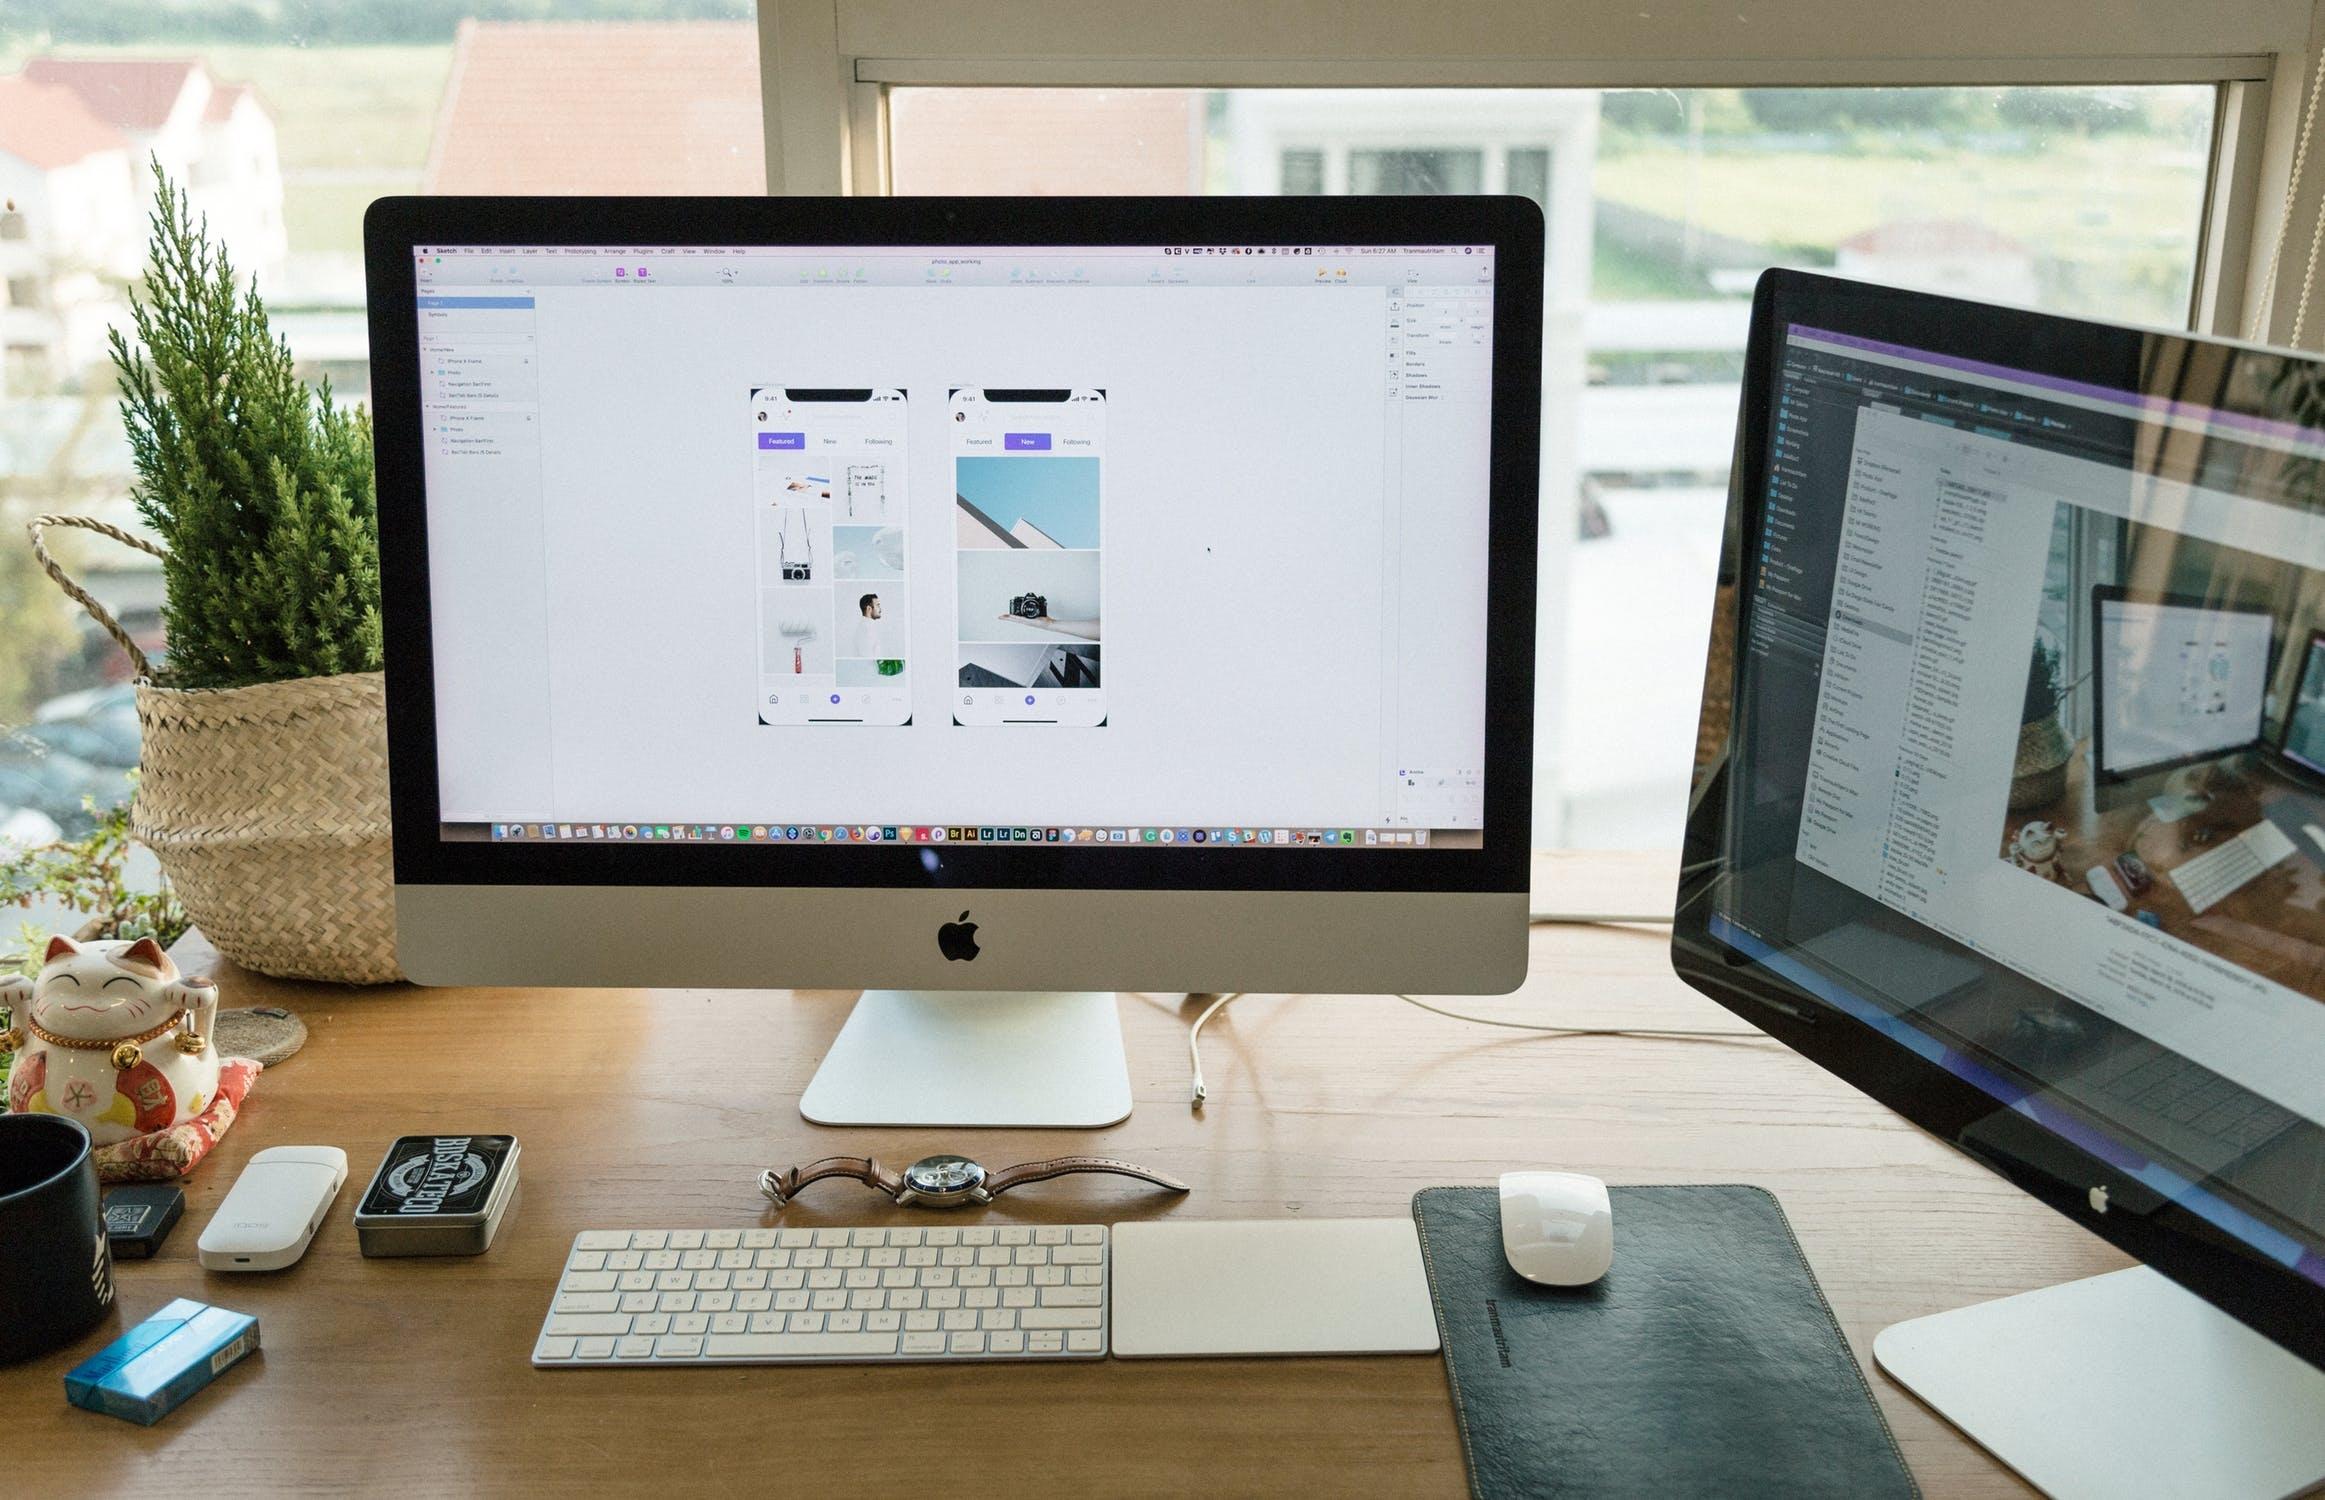 2. A vállalati webfejlesztés alapjai - Egy statikus HTML oldal készítése és publikálása (T360)